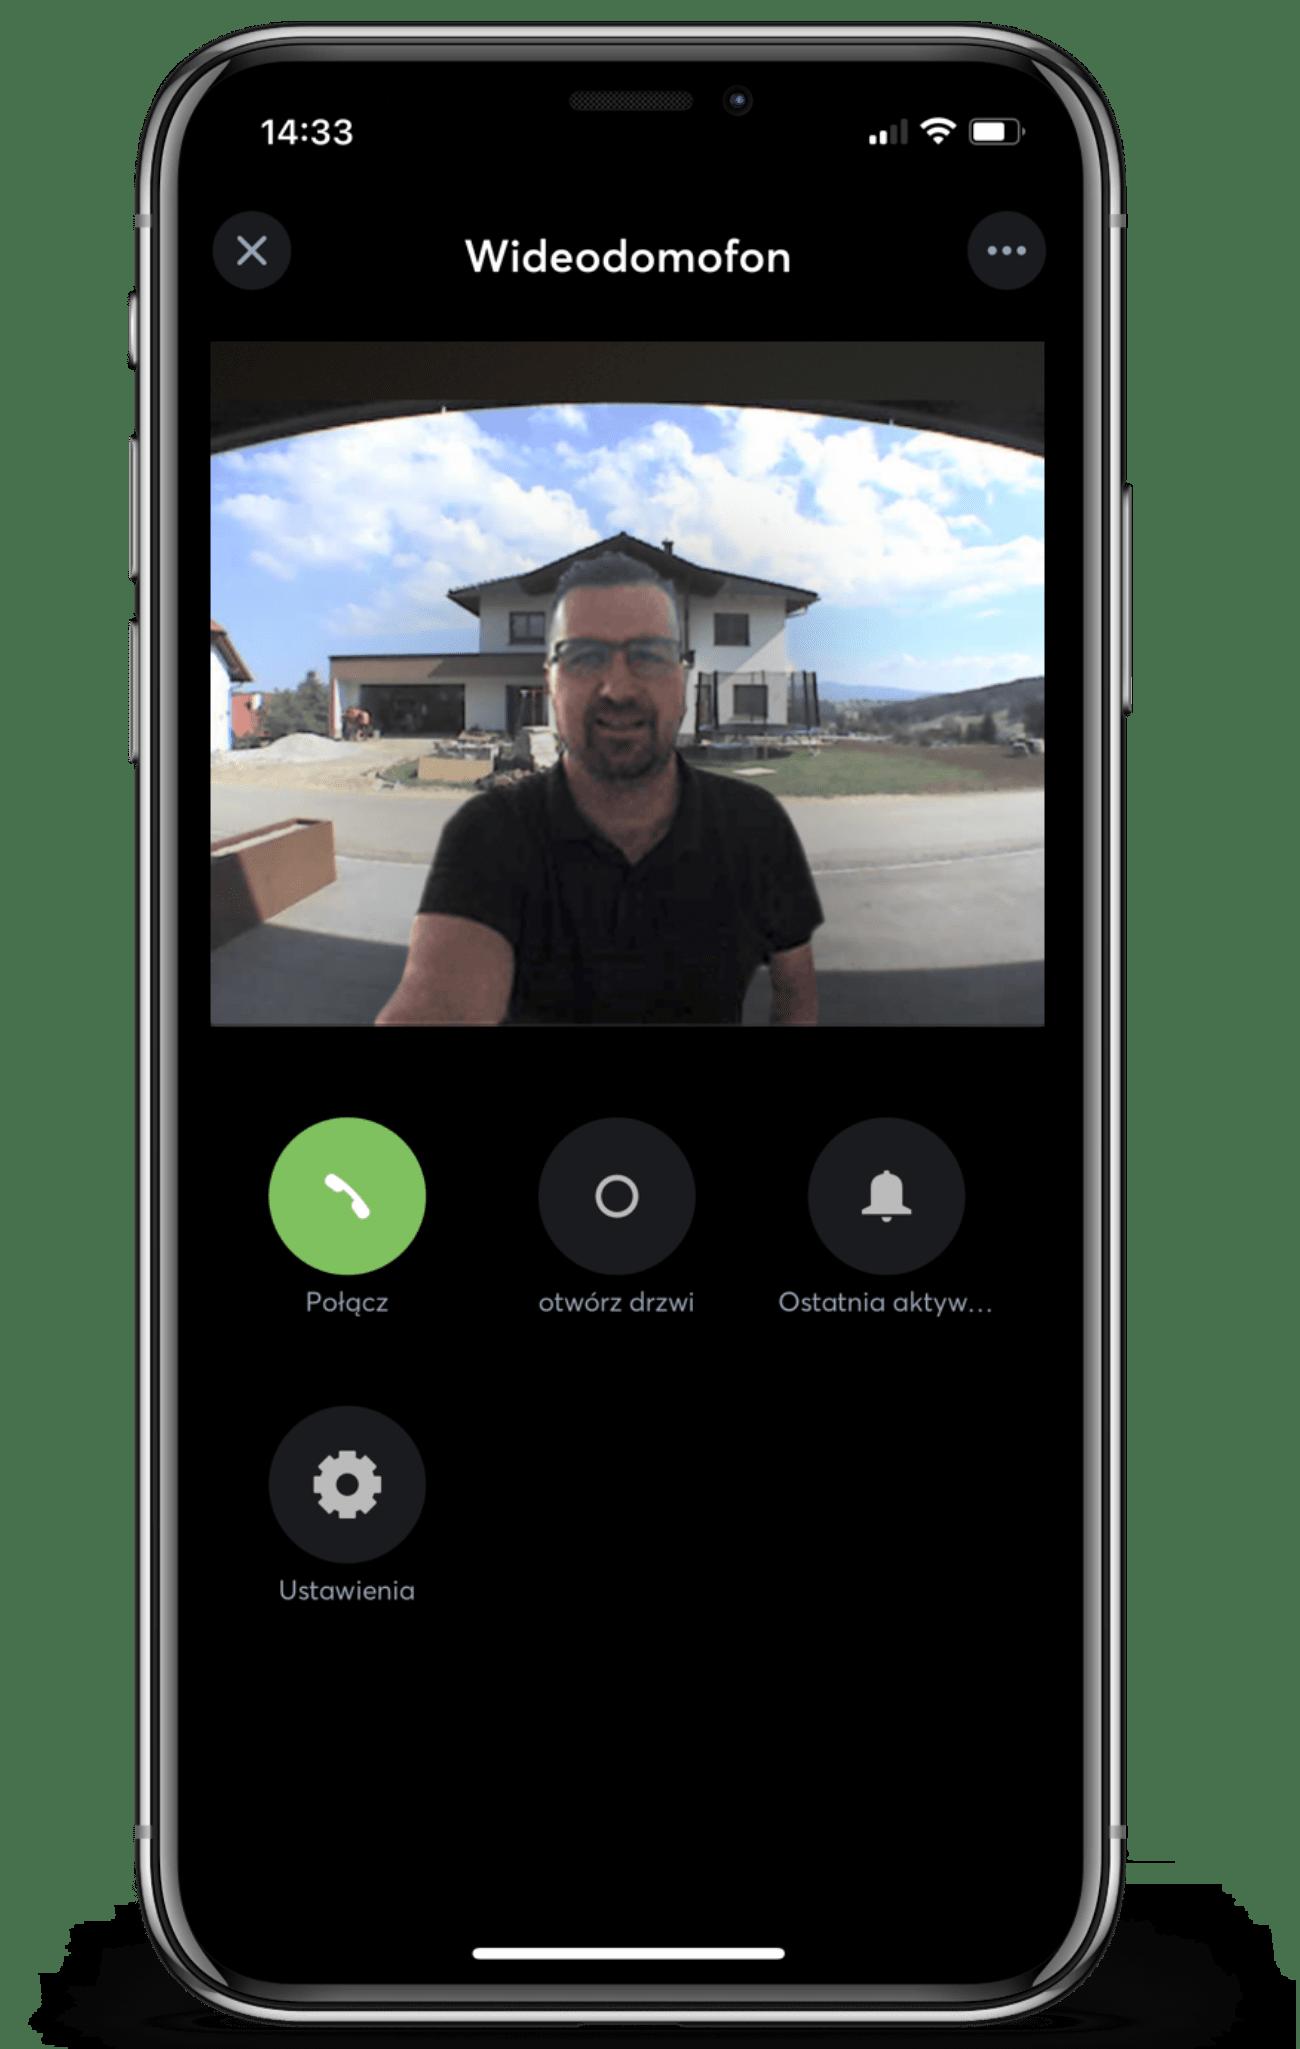 Wideodomofon w aplikacji Loxone